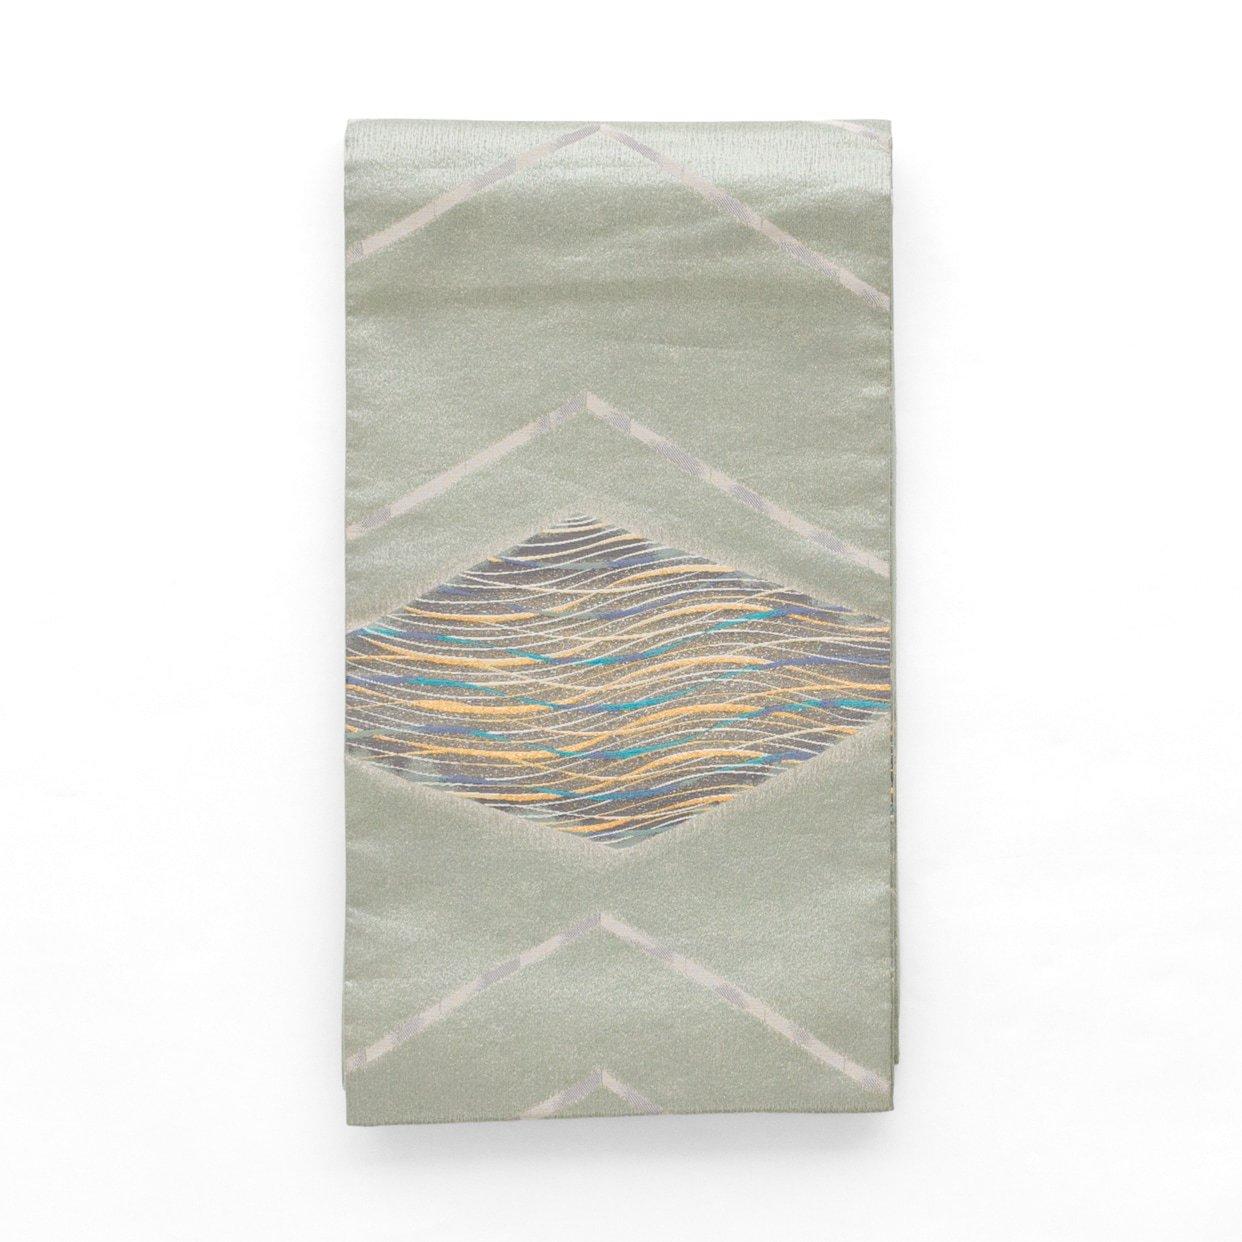 「袋帯●大きな菱と流線」の商品画像